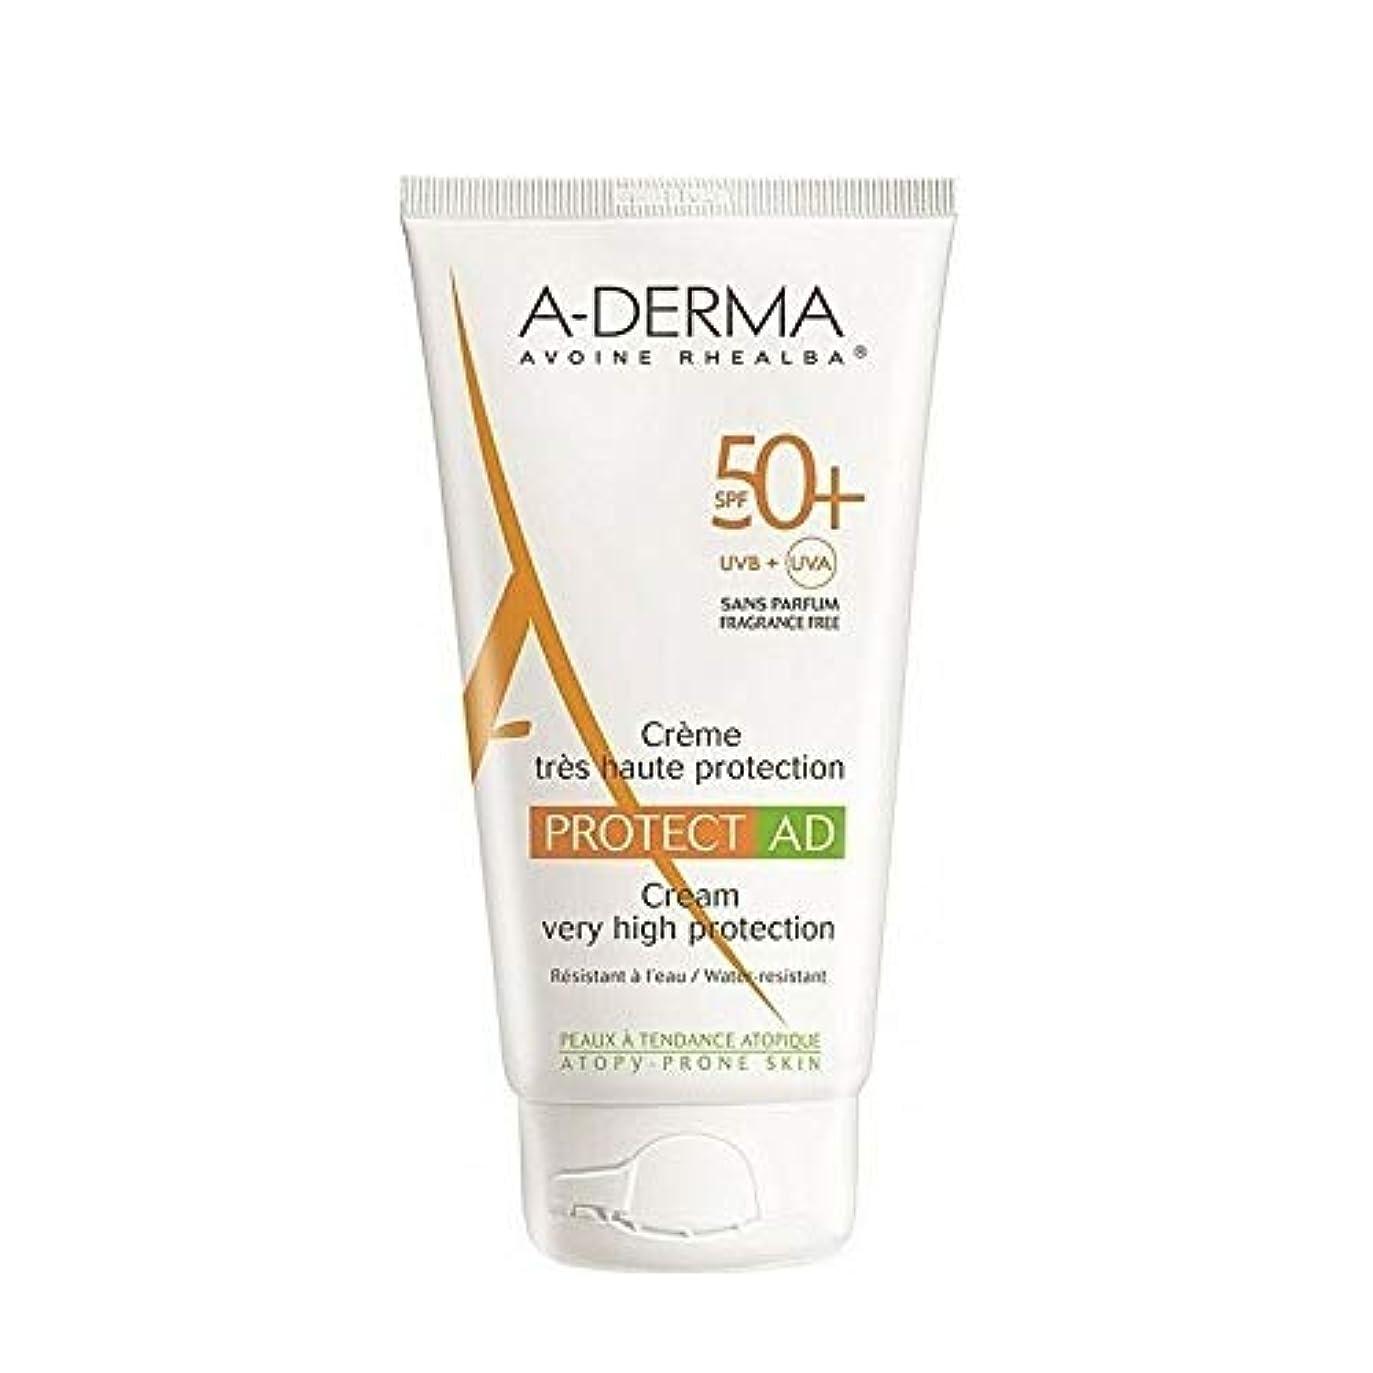 受け皿パーチナシティ家事をするA-DERMA Protect AD sun cream サンクリーム (150ml) SPF50+/PA+++ フランス日焼け止め